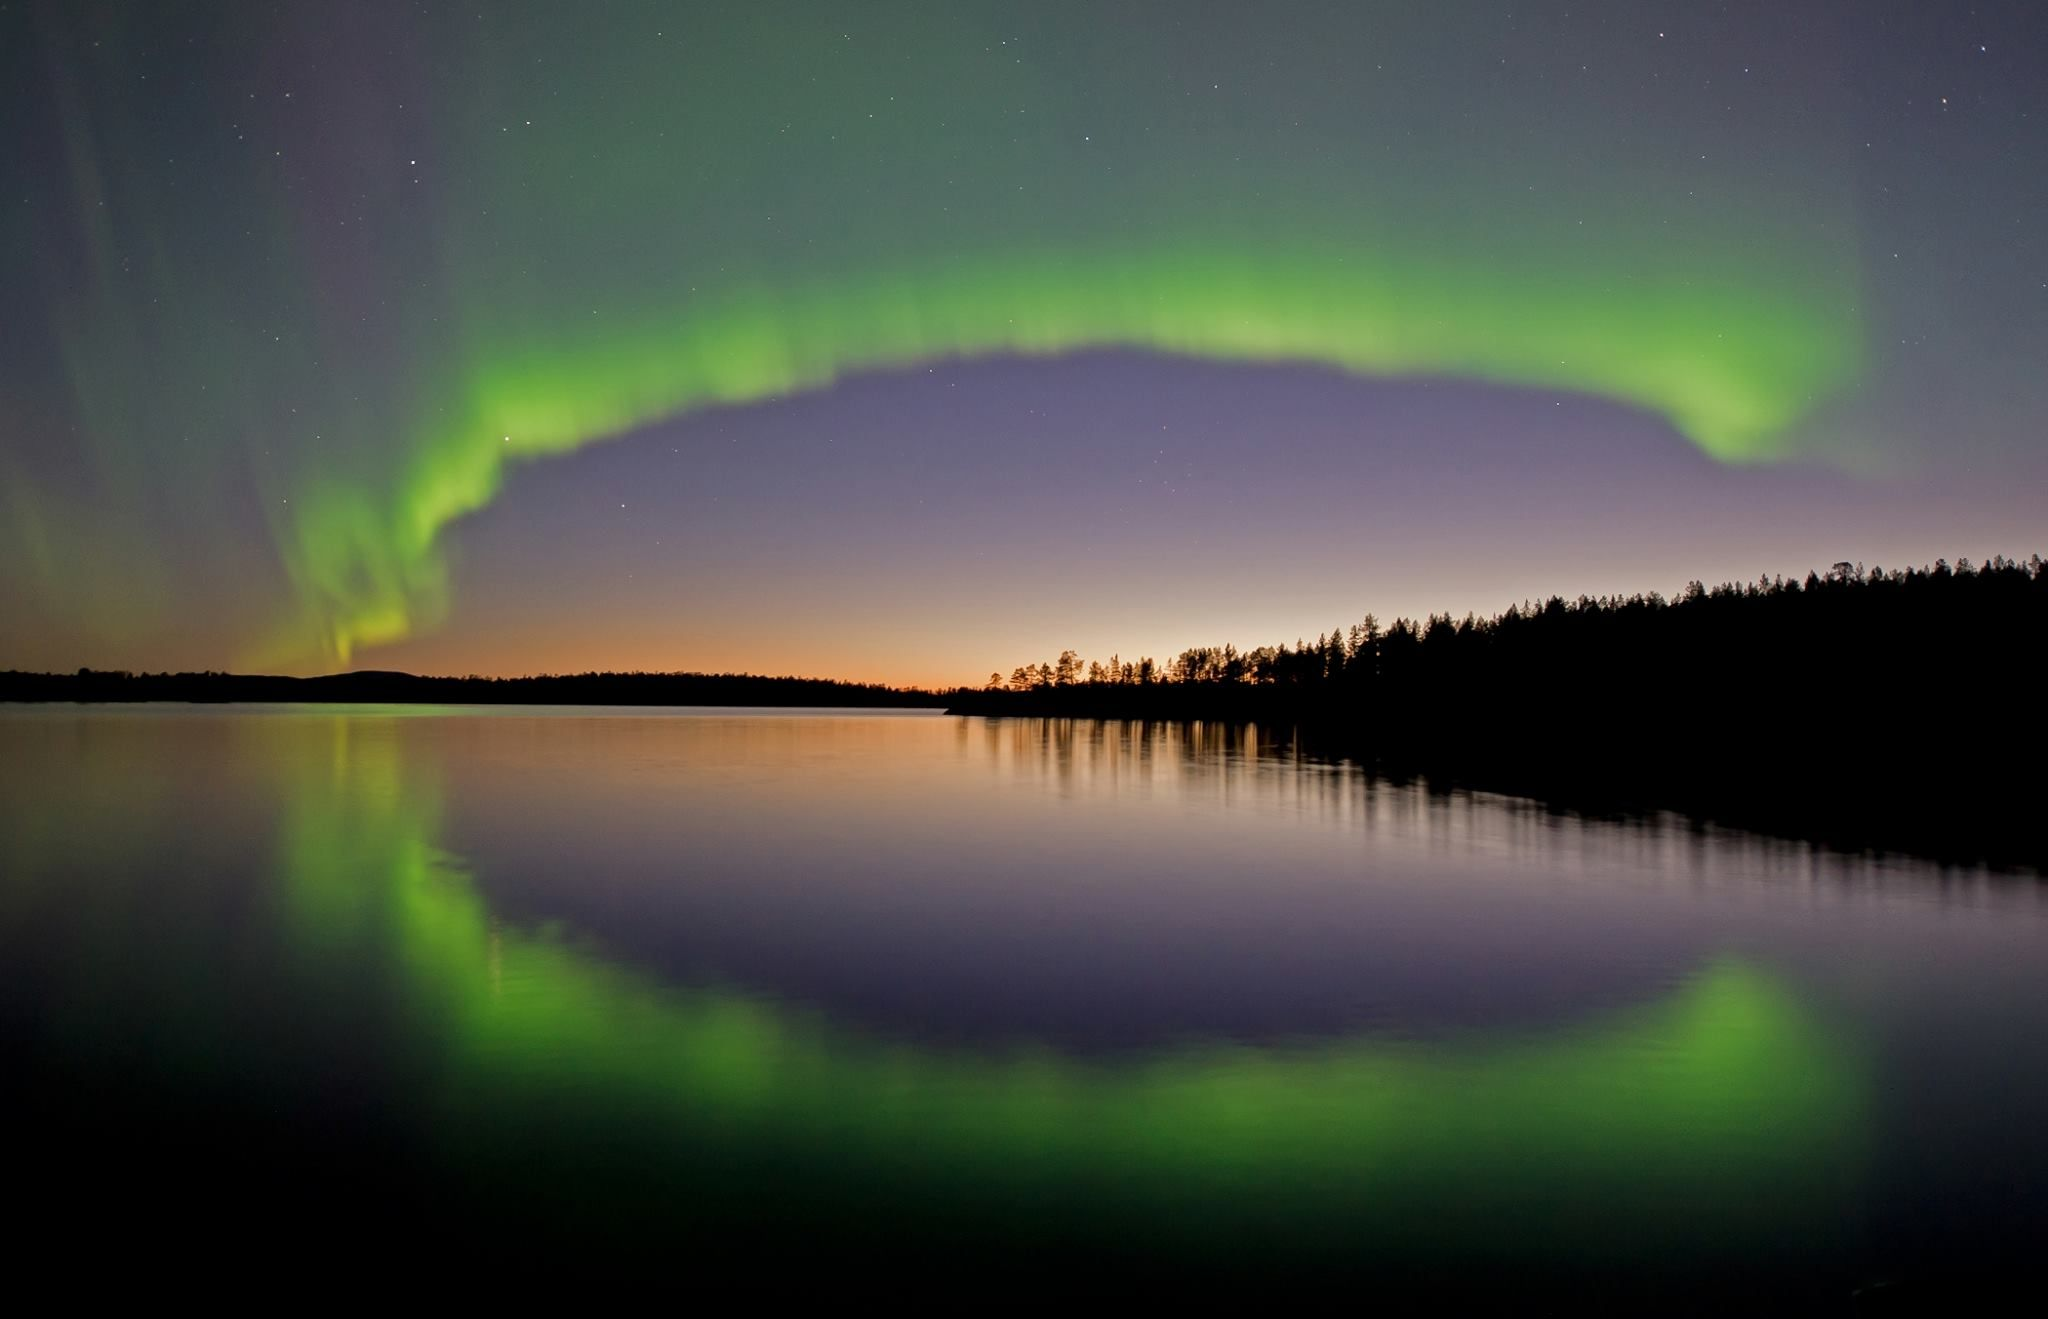 """Tule kokemaan inarilaisen luontokuvaaja Martti Rikkosen ihmeellinen kuvaesitys """"Kaukana pohjoisessa"""", jota säestää Niillas Holmberg Kvartteahta."""